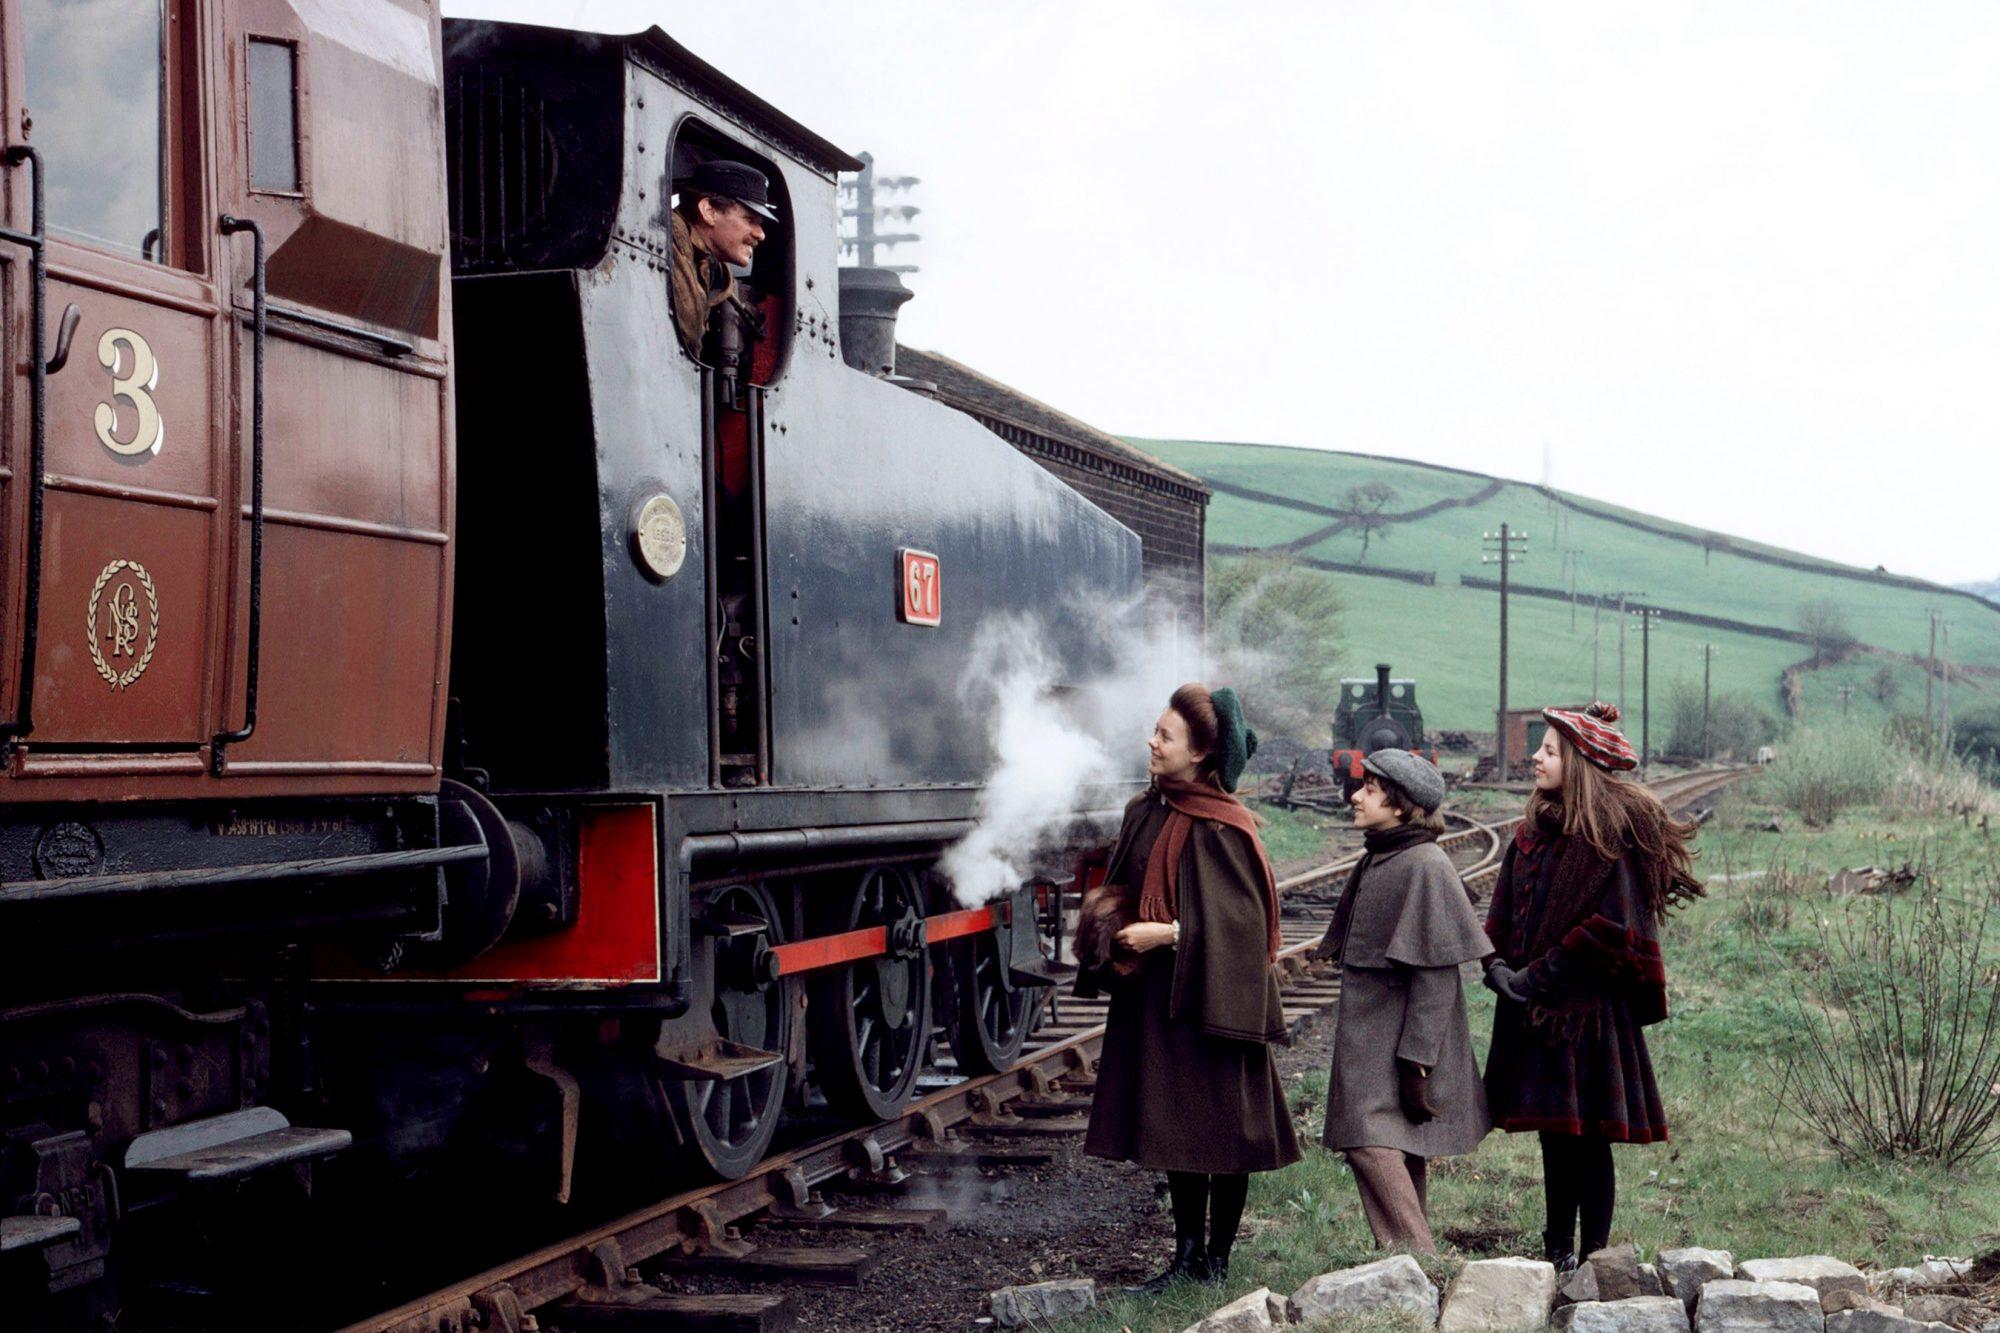 THE RAILWAY CHILDREN, from left: Bernard Cribbins, Jenny Agutter, Gary Warren, Sally Thomsett, 1970,